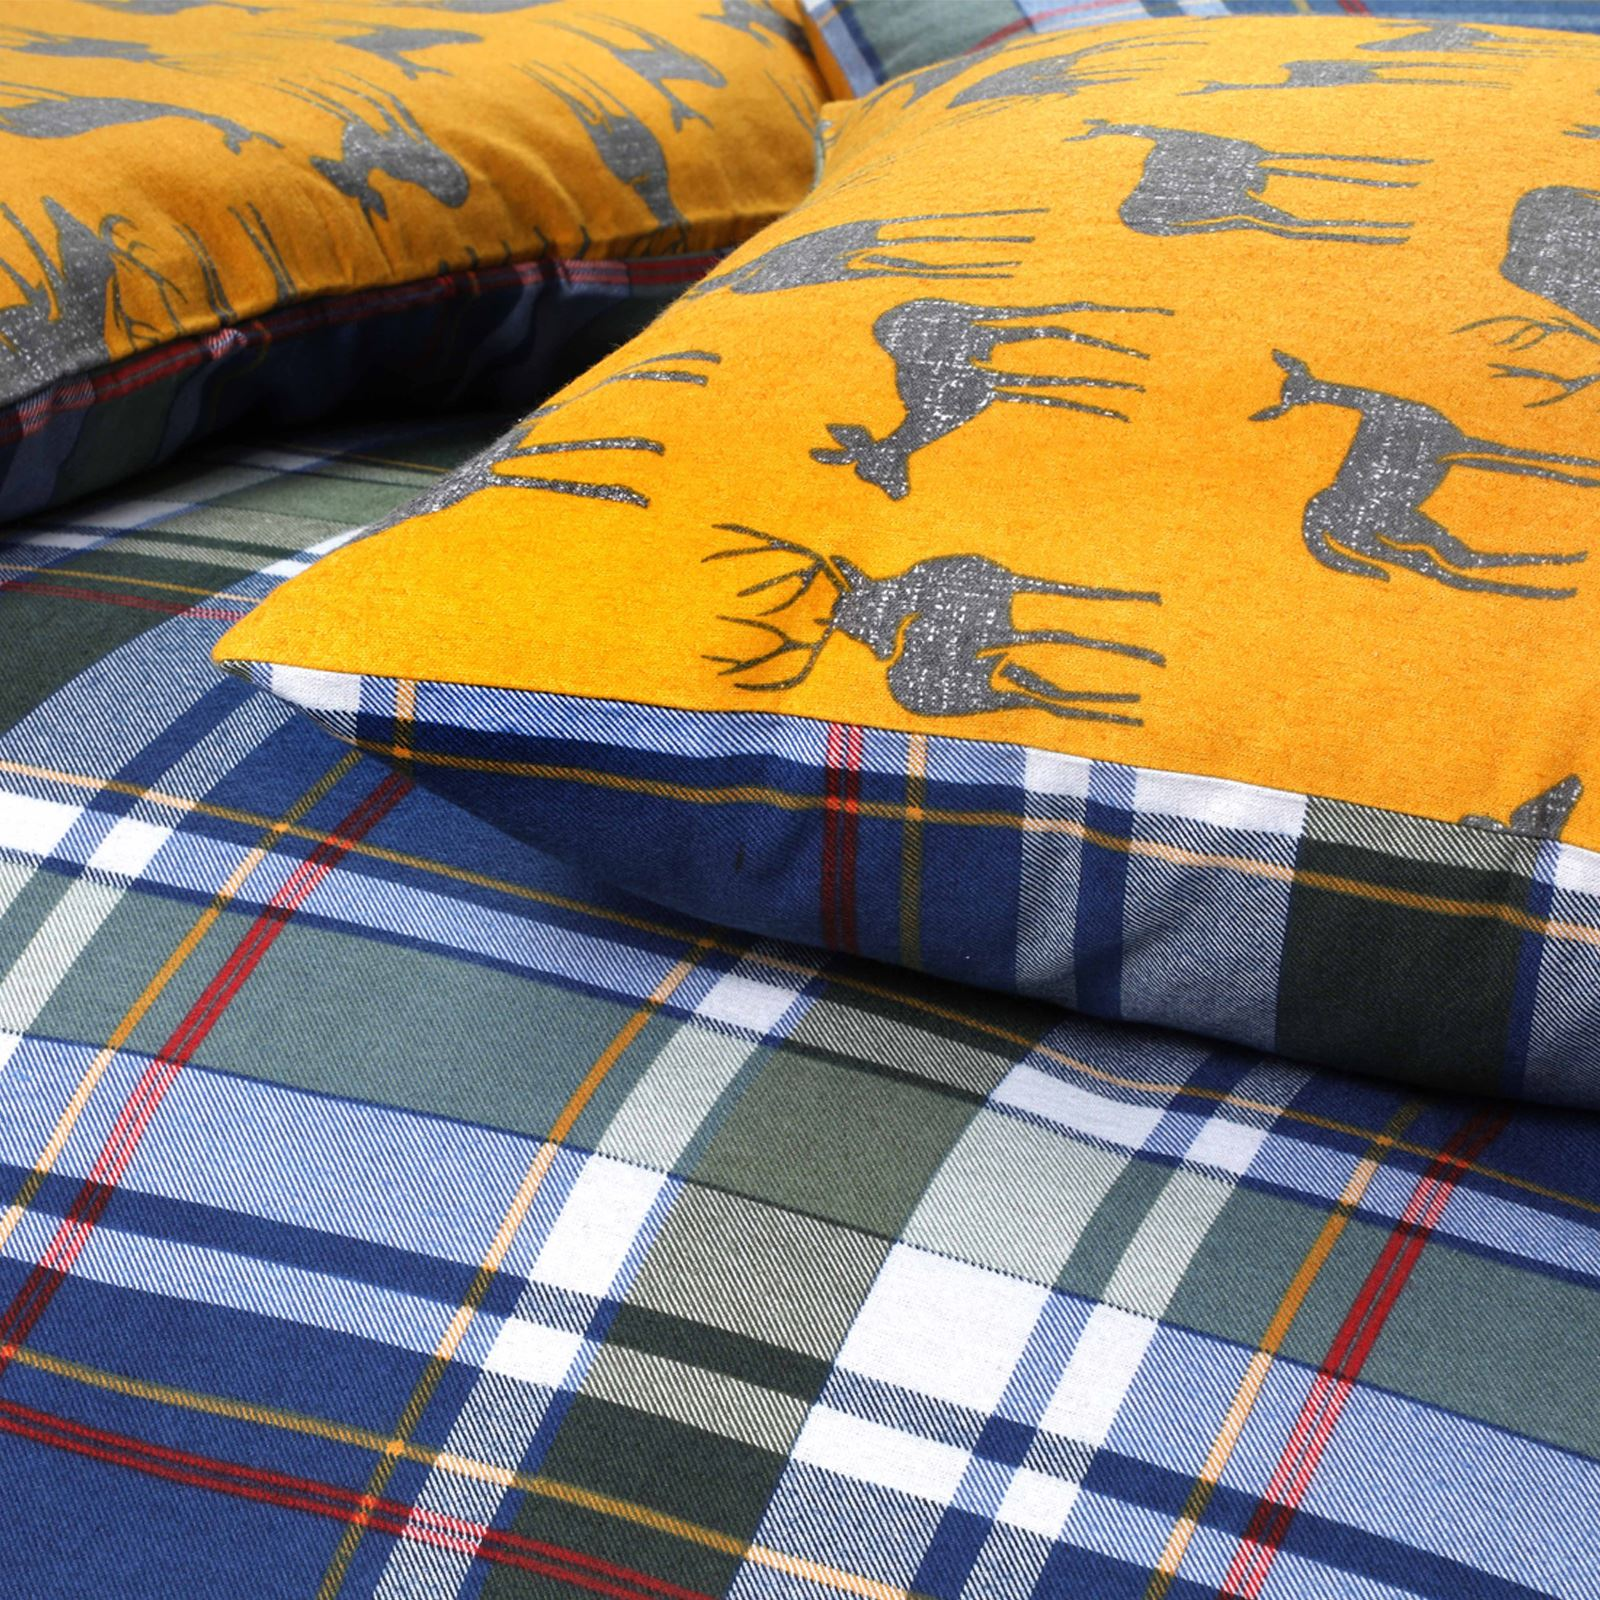 Tartan-100-Brushed-Cotton-Duvet-Cover-Flannelette-Check-Quilt-Set-Bed-Linen-Set thumbnail 17